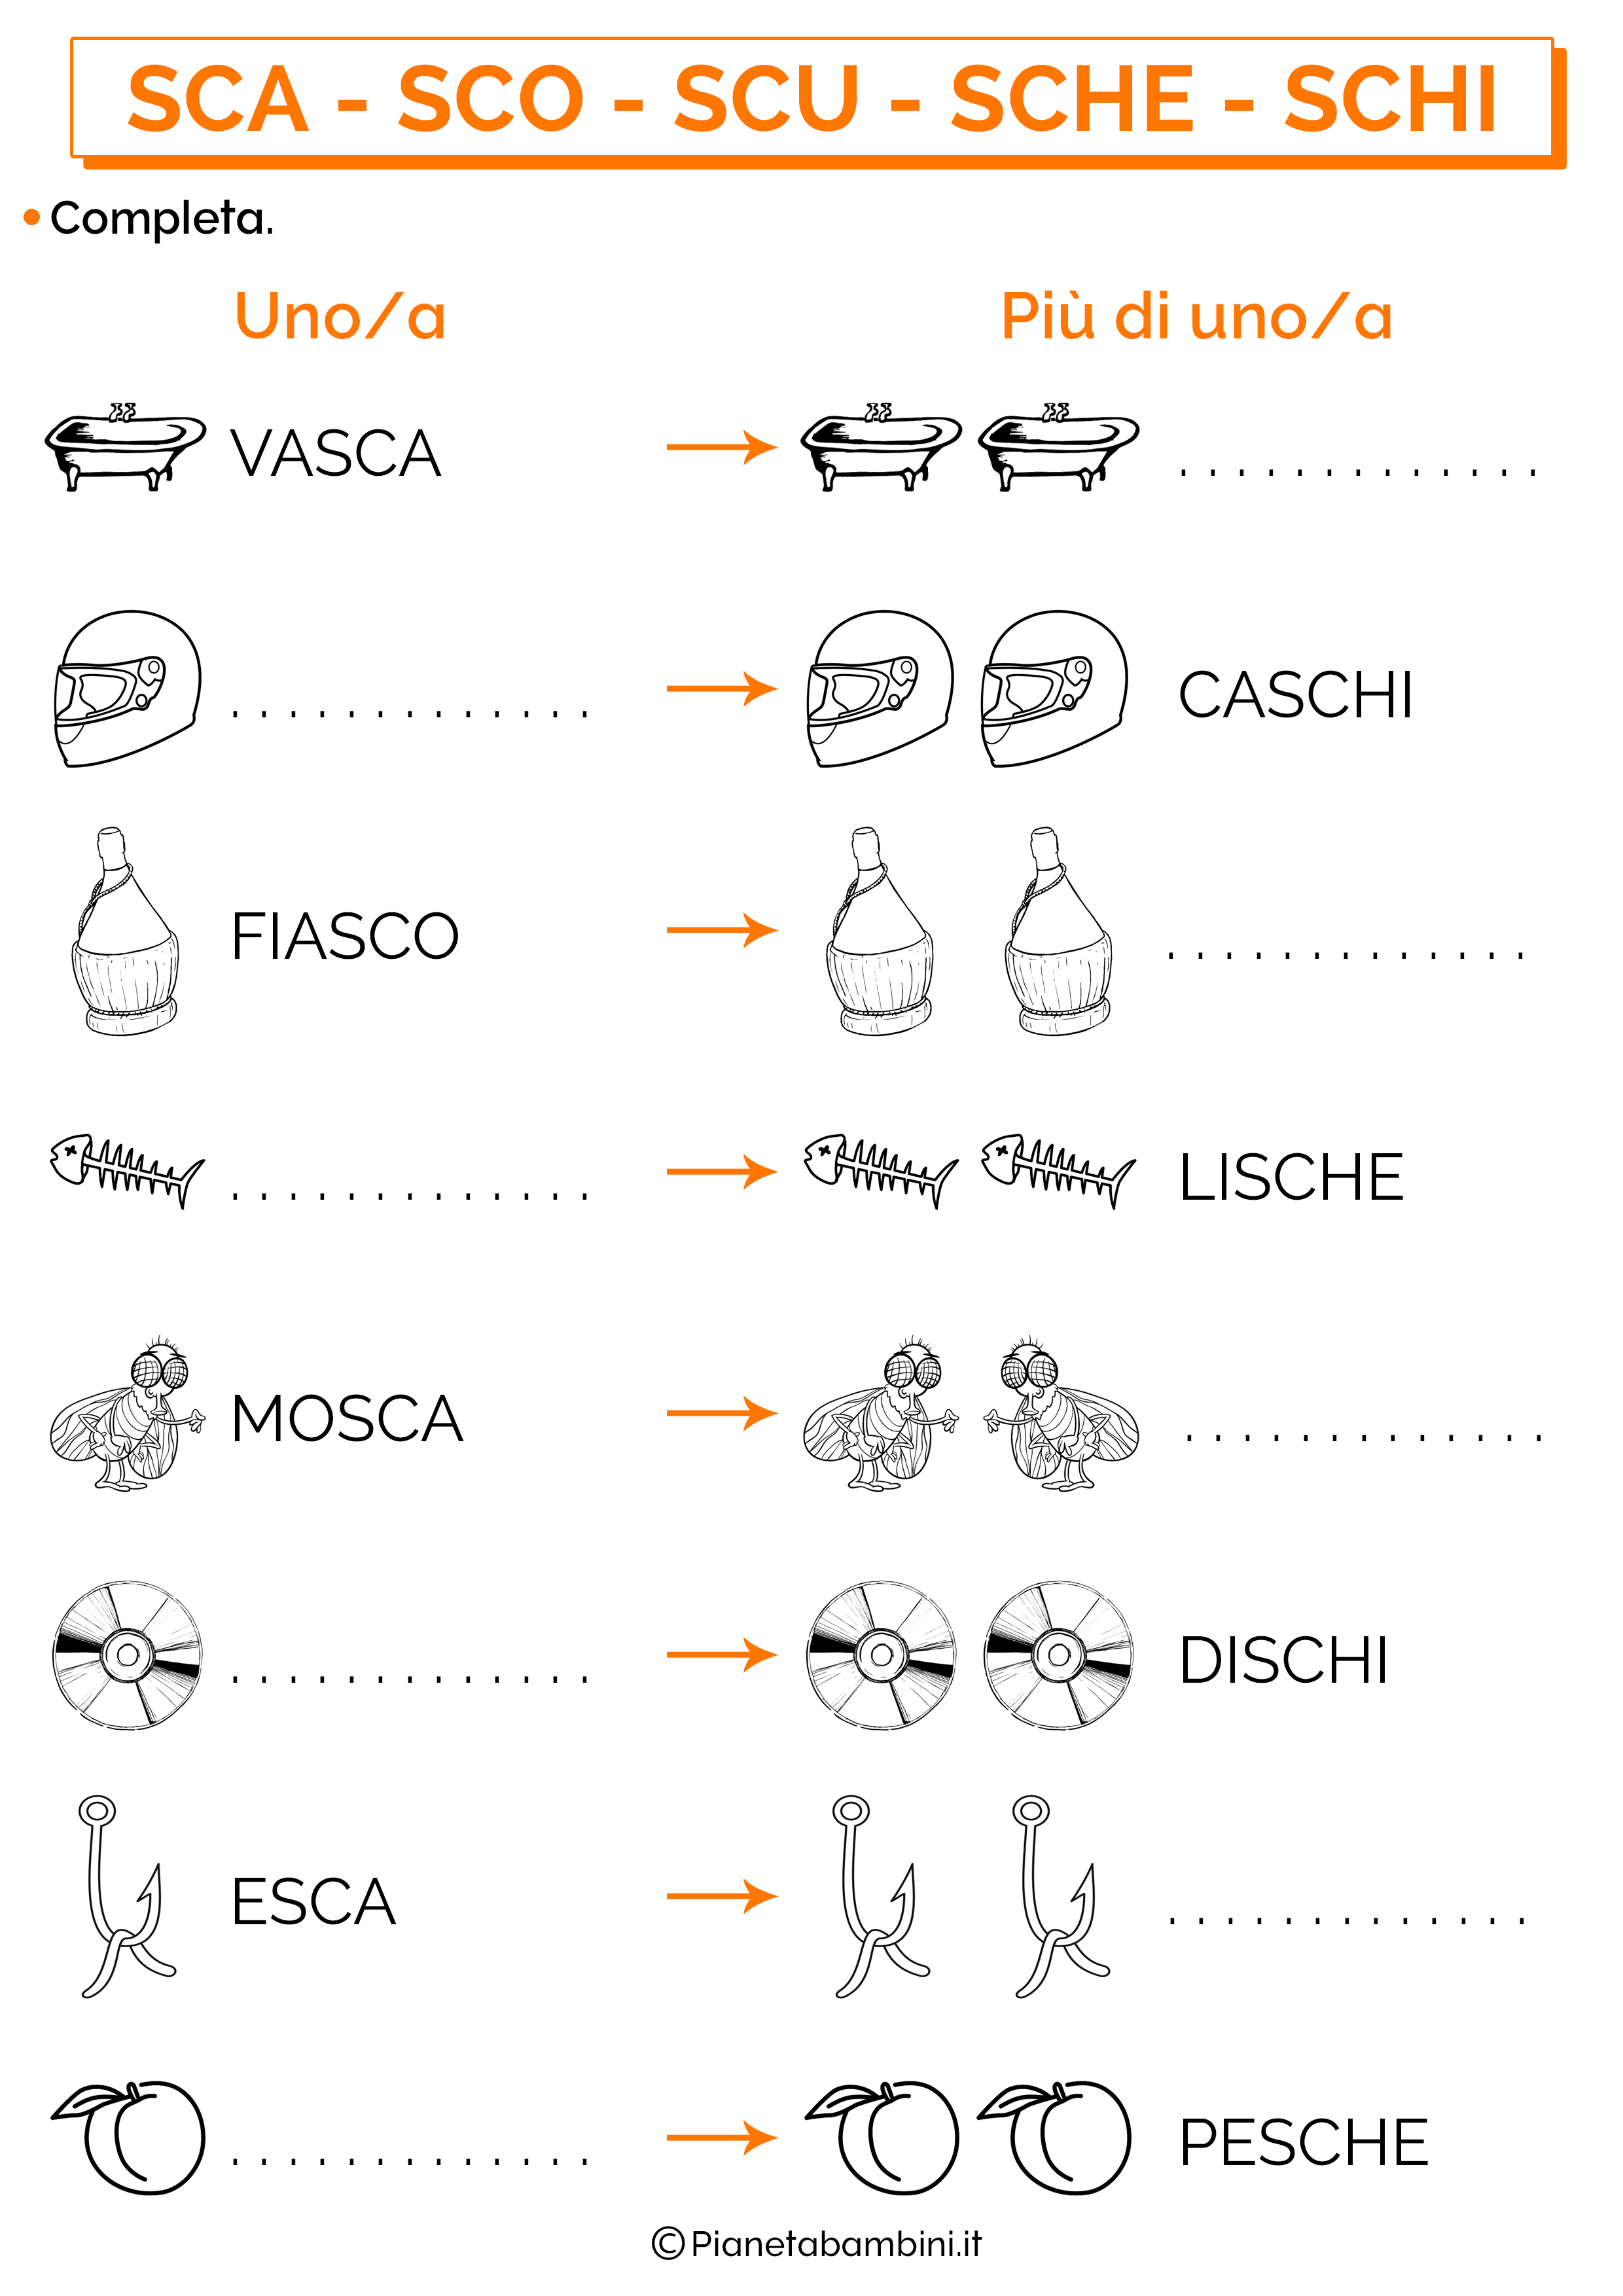 Singolare e plurale con SCA SCO SCU SCHE SCHI